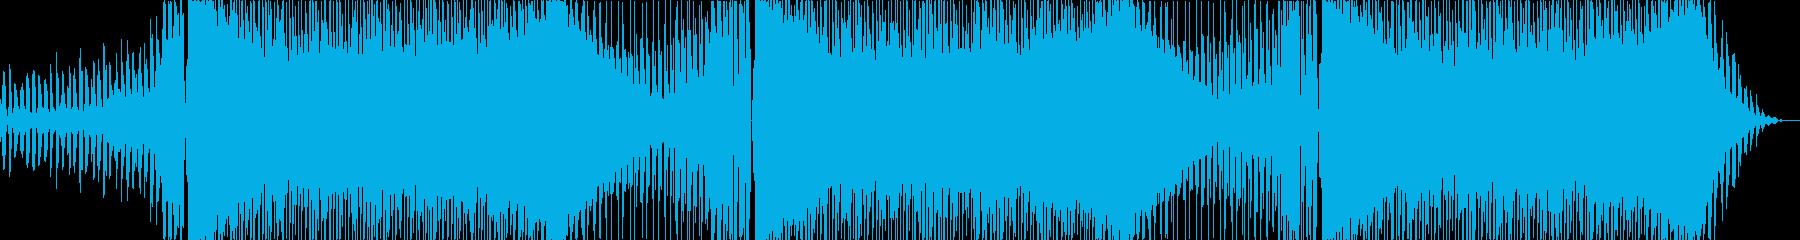 キャッチーで少しダークなEDMメロ無長尺の再生済みの波形